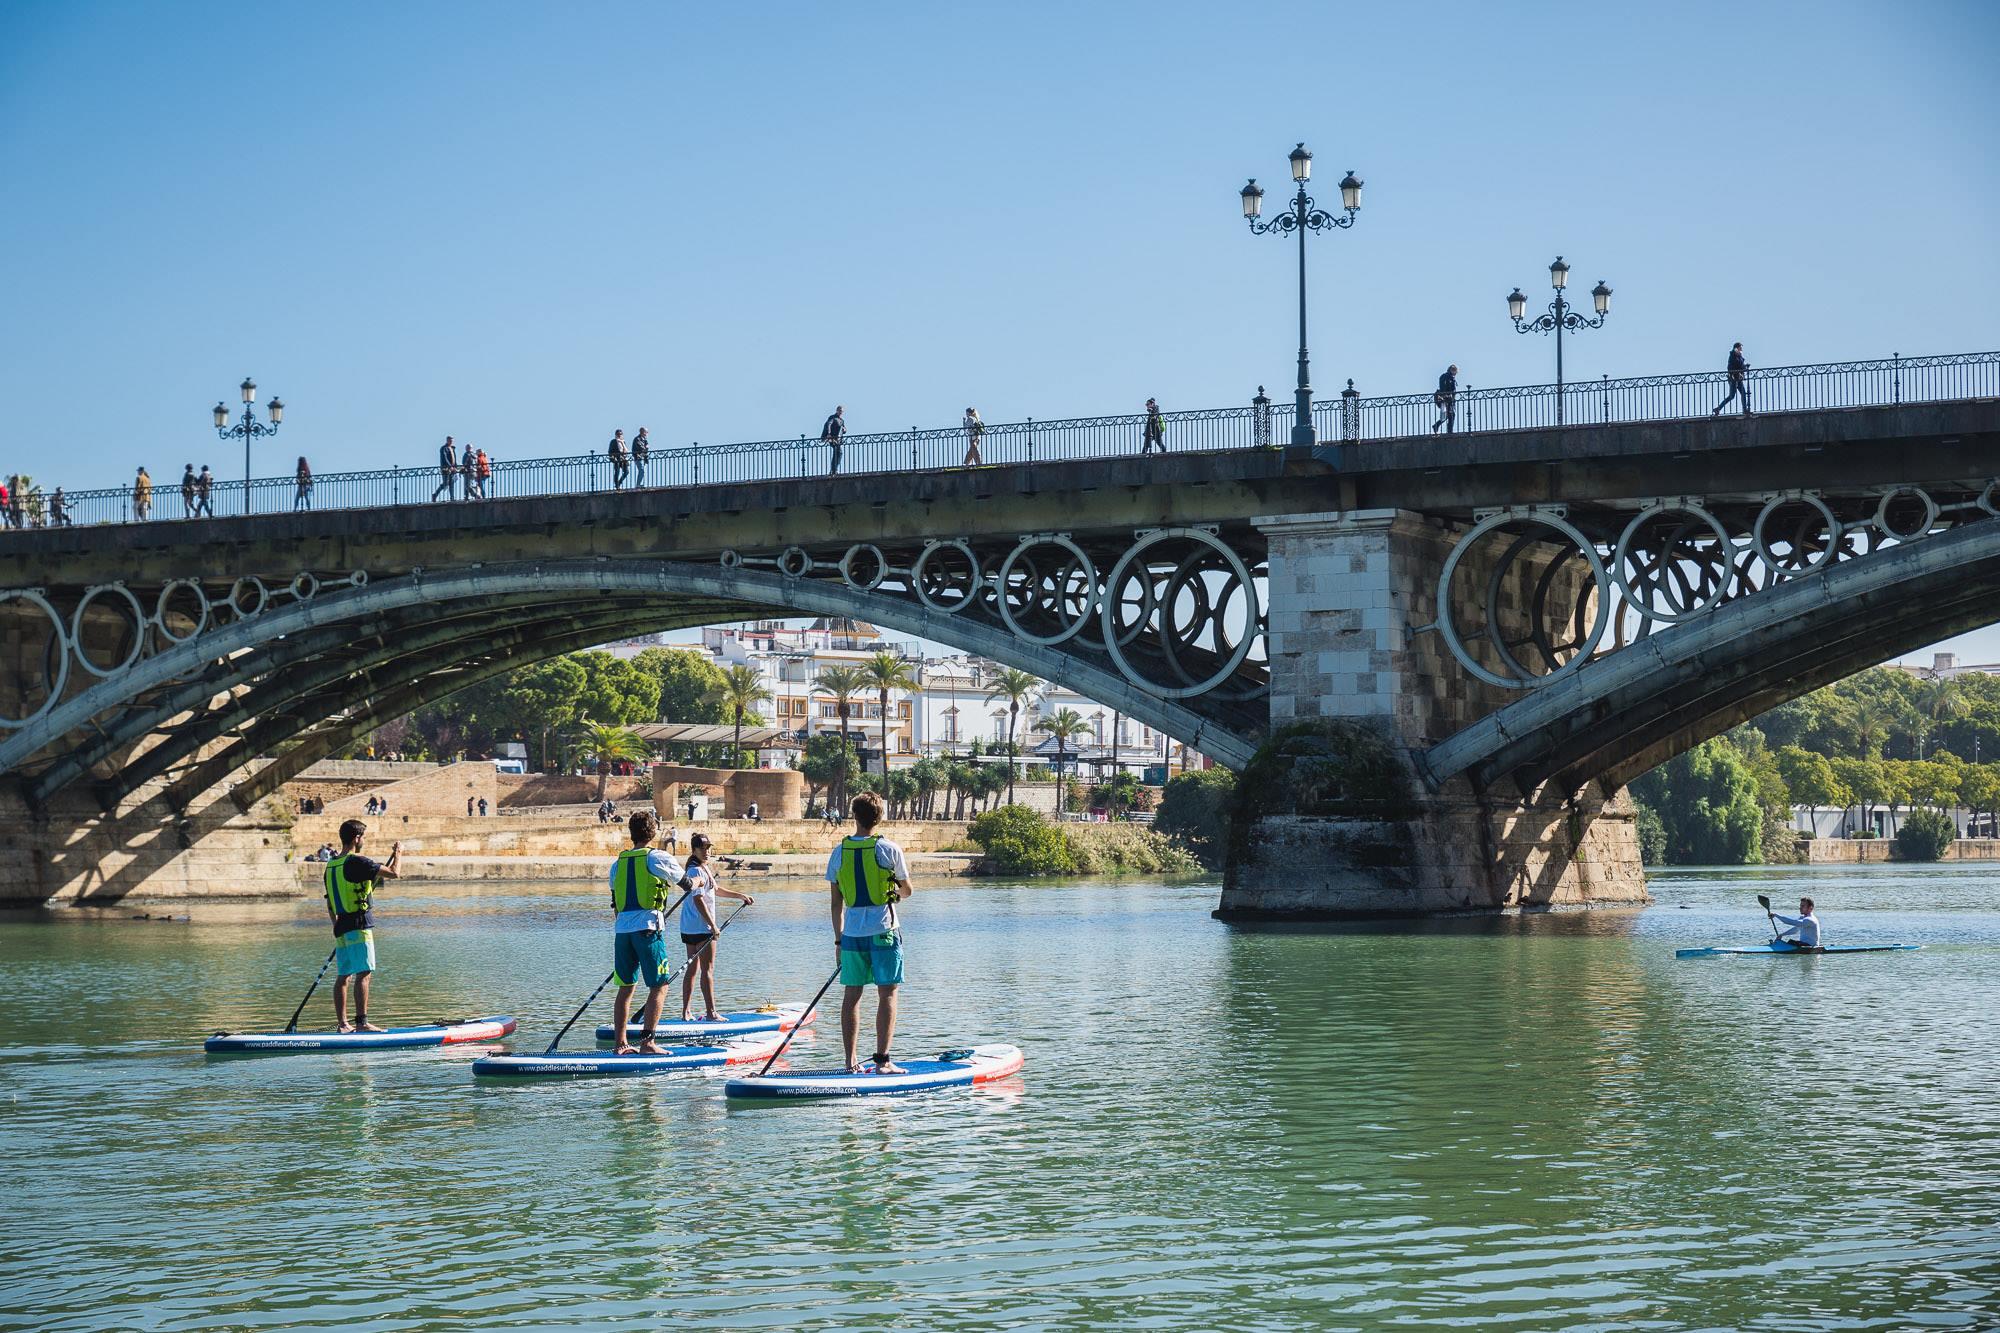 Transeúntes pasean por el icónico Puente de Triana mientras otros pasan por debajo navegando.